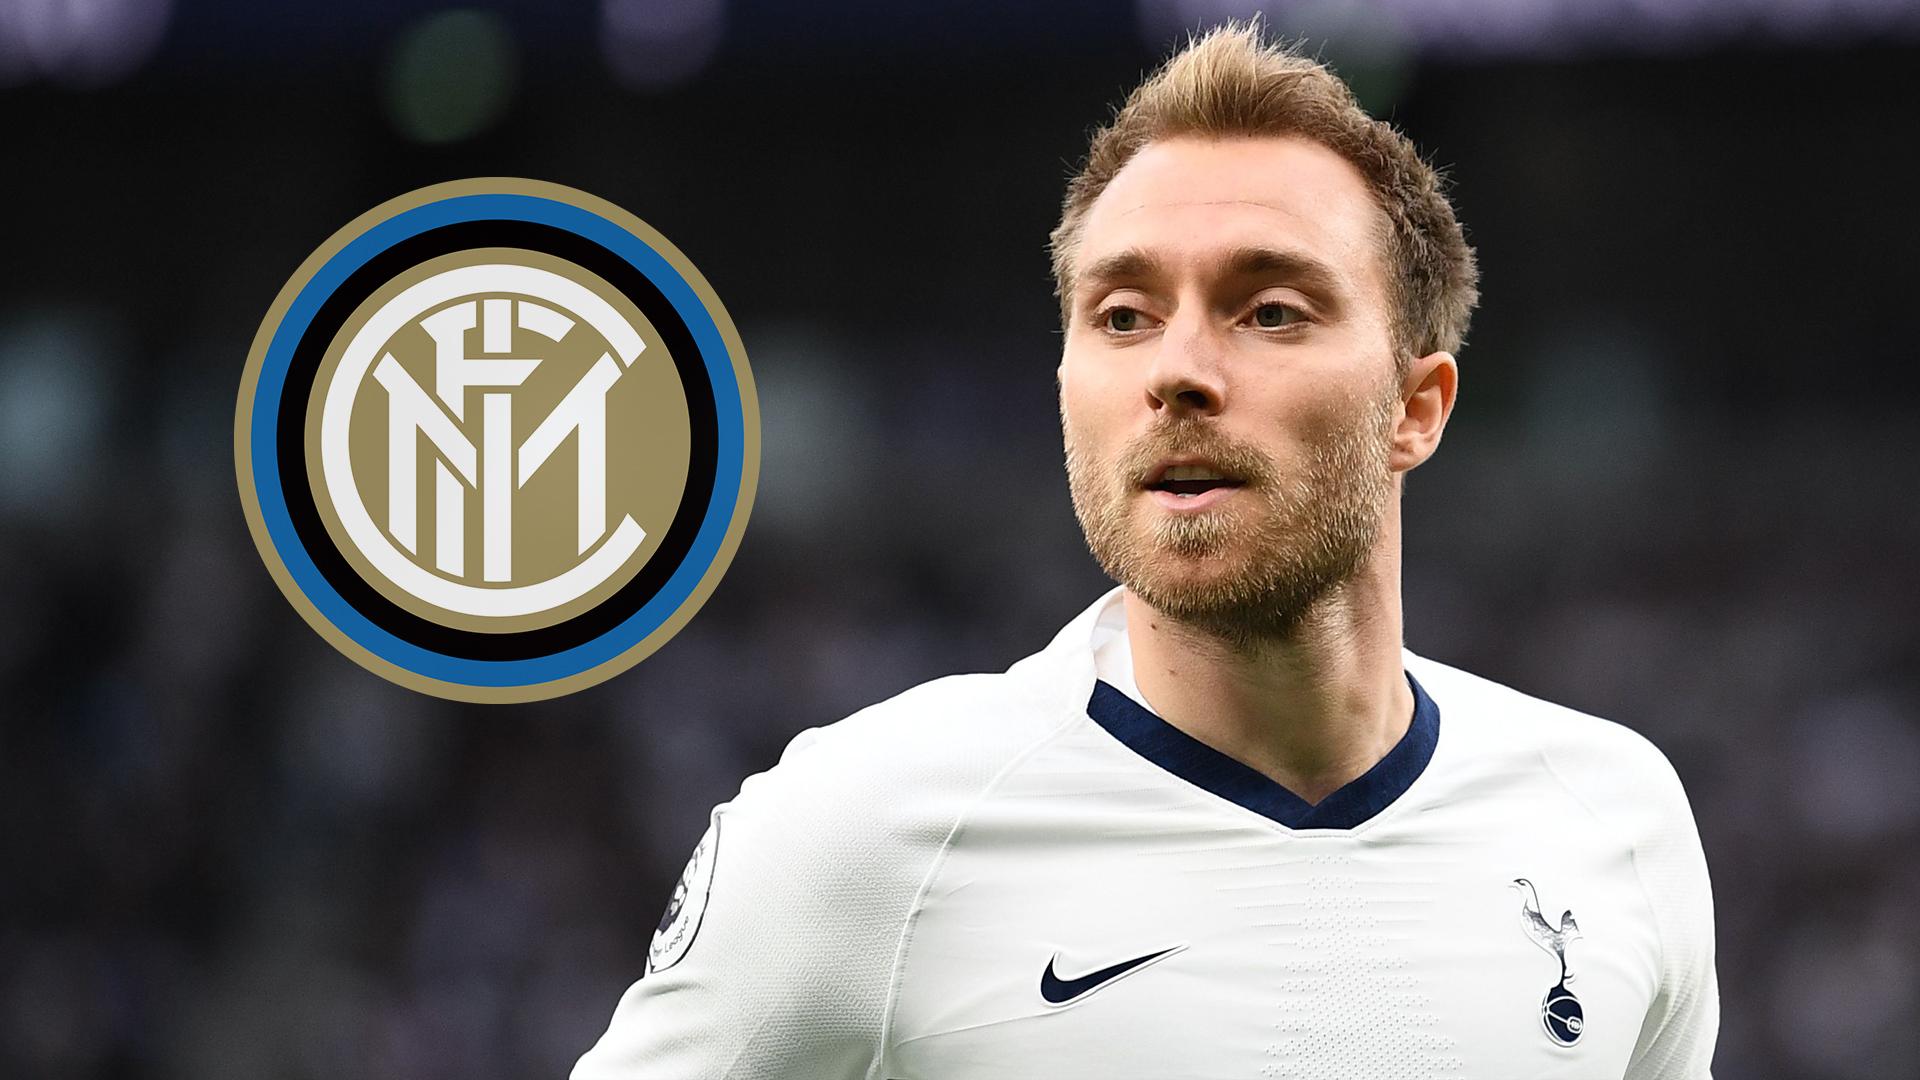 Calciomercato Juve: Inter in forte pressing per Eriksen